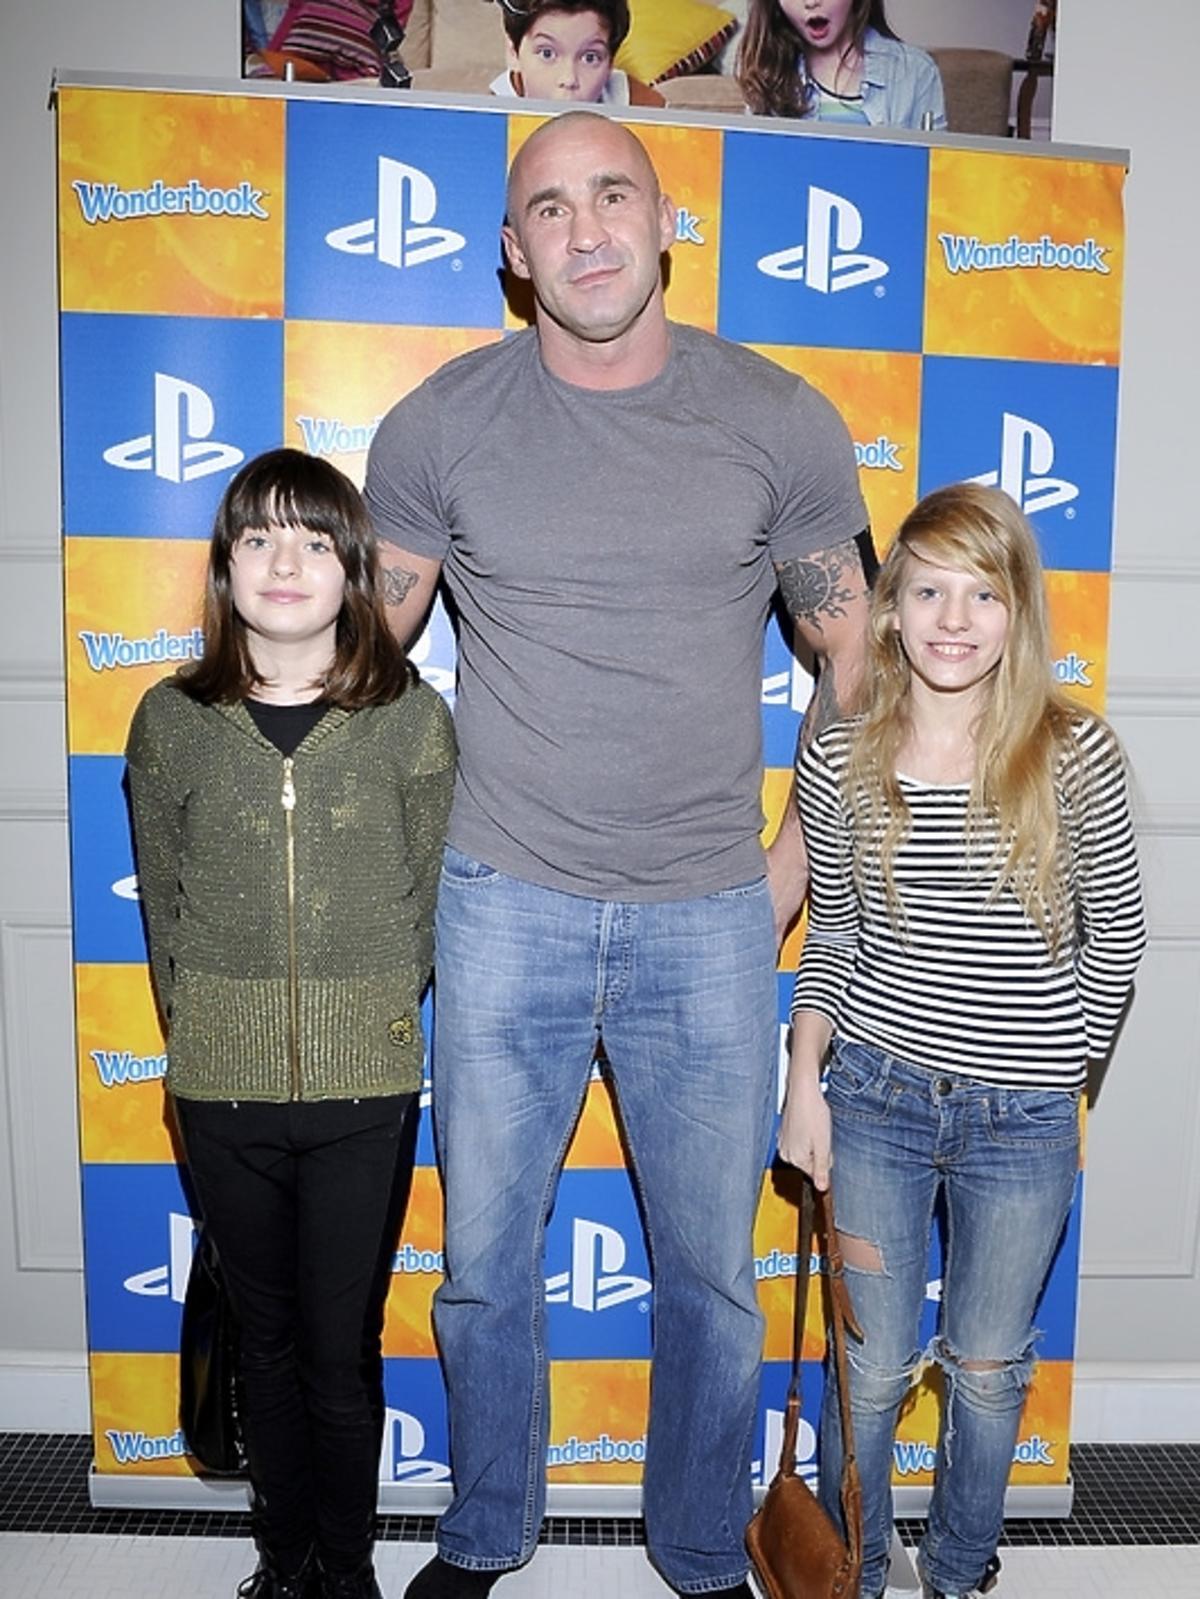 Przemysław Saleta z córkami na premierze PlayStation 3 - Wonderbook: Księga Czarów